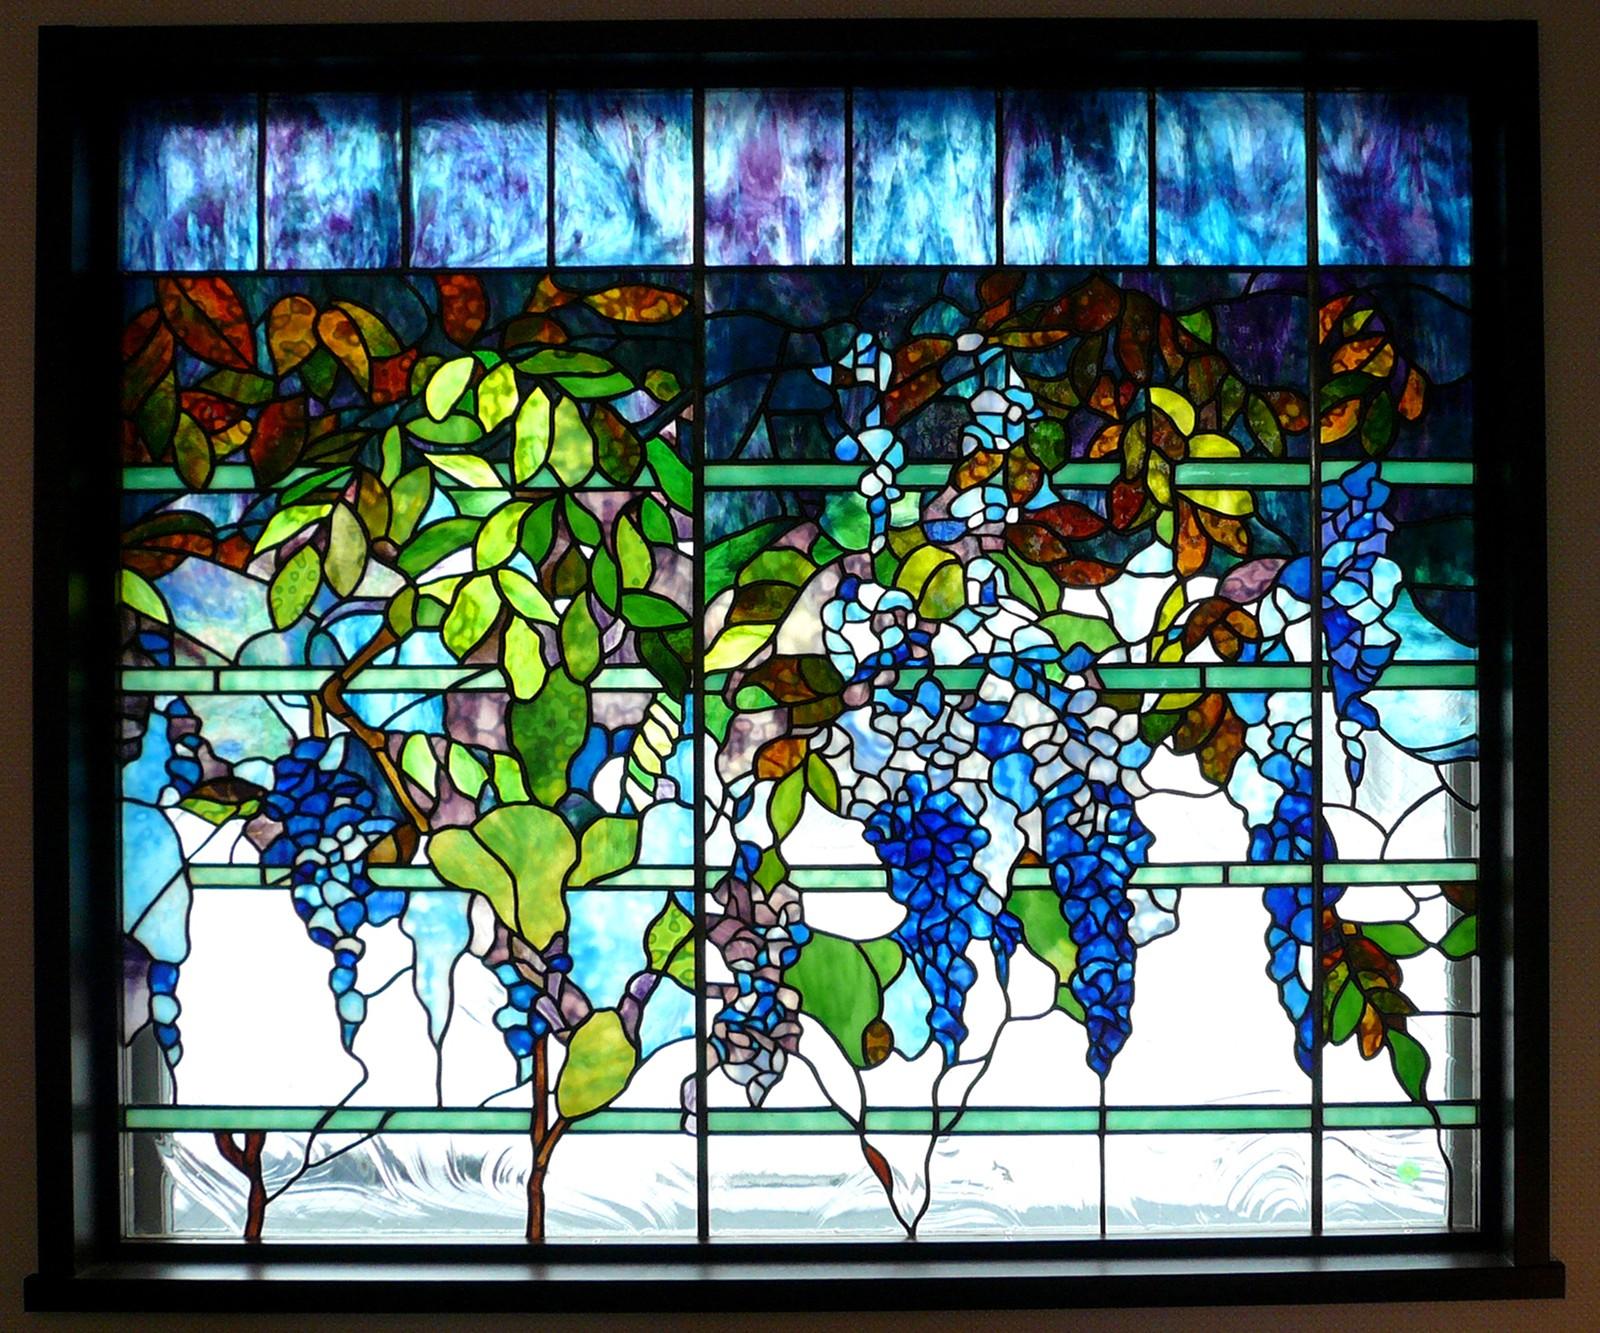 その他事例:ウイステリア1(ステンドグラス、ウイステリア(藤の花) 習志野市、鉄筋3階建てのFix窓へ設置しました。)